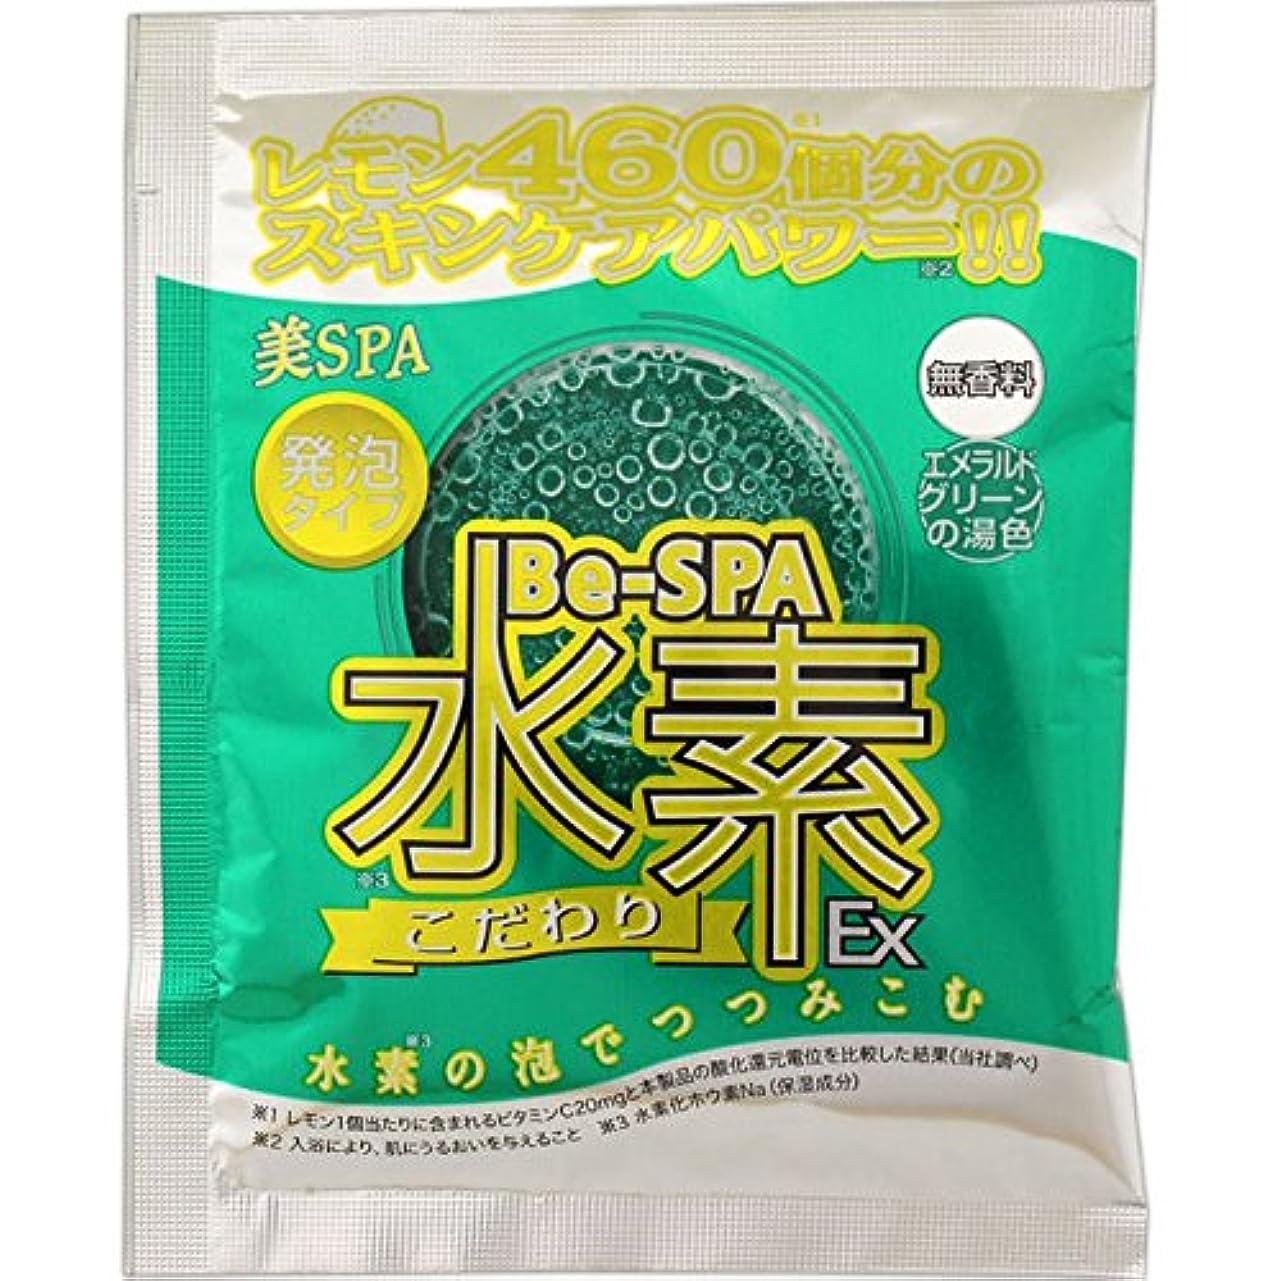 豊かにする注目すべきつぶす日本生化学 美SPA水素EX エメラルドグリーンの湯色 25g